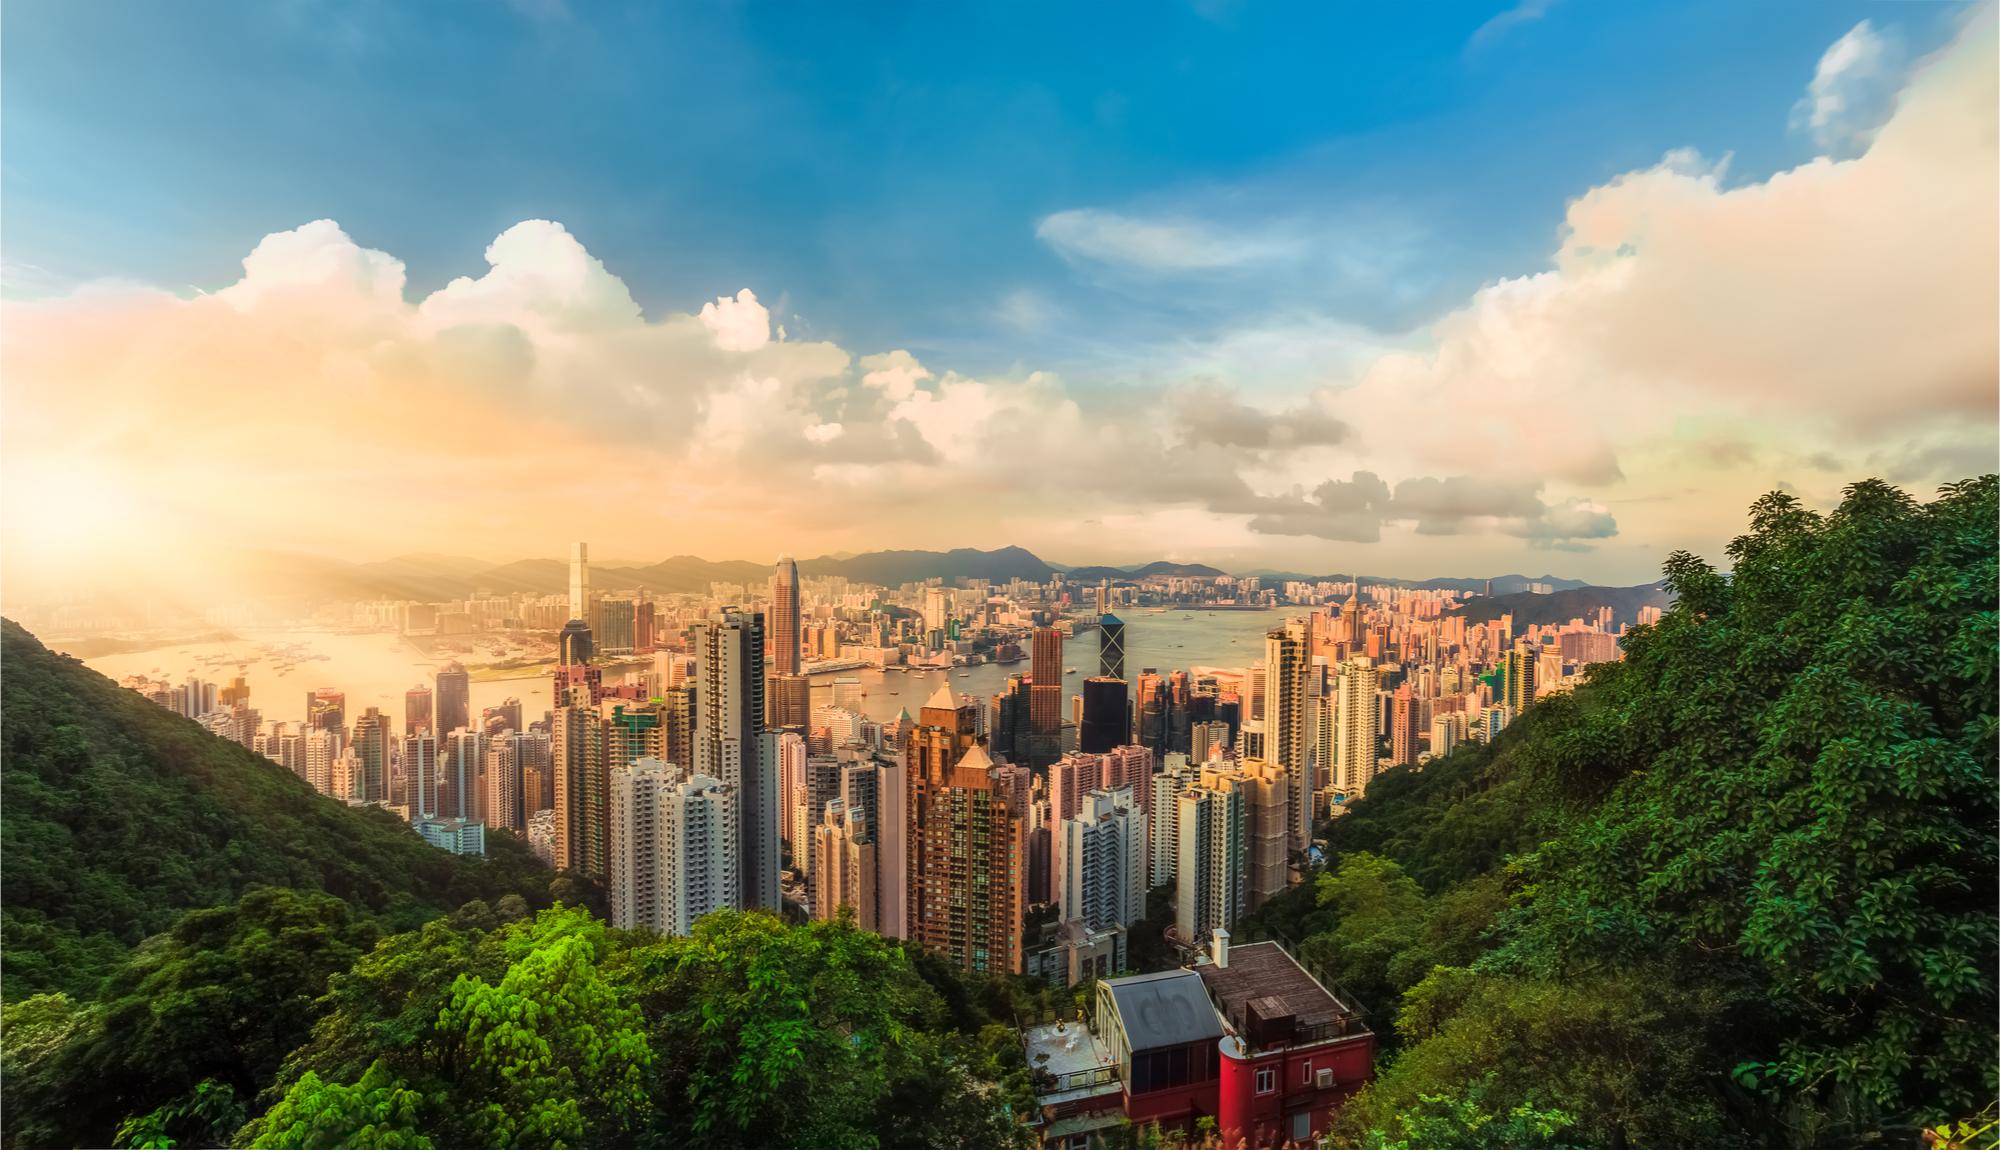 HKIDEAS Hong Kong